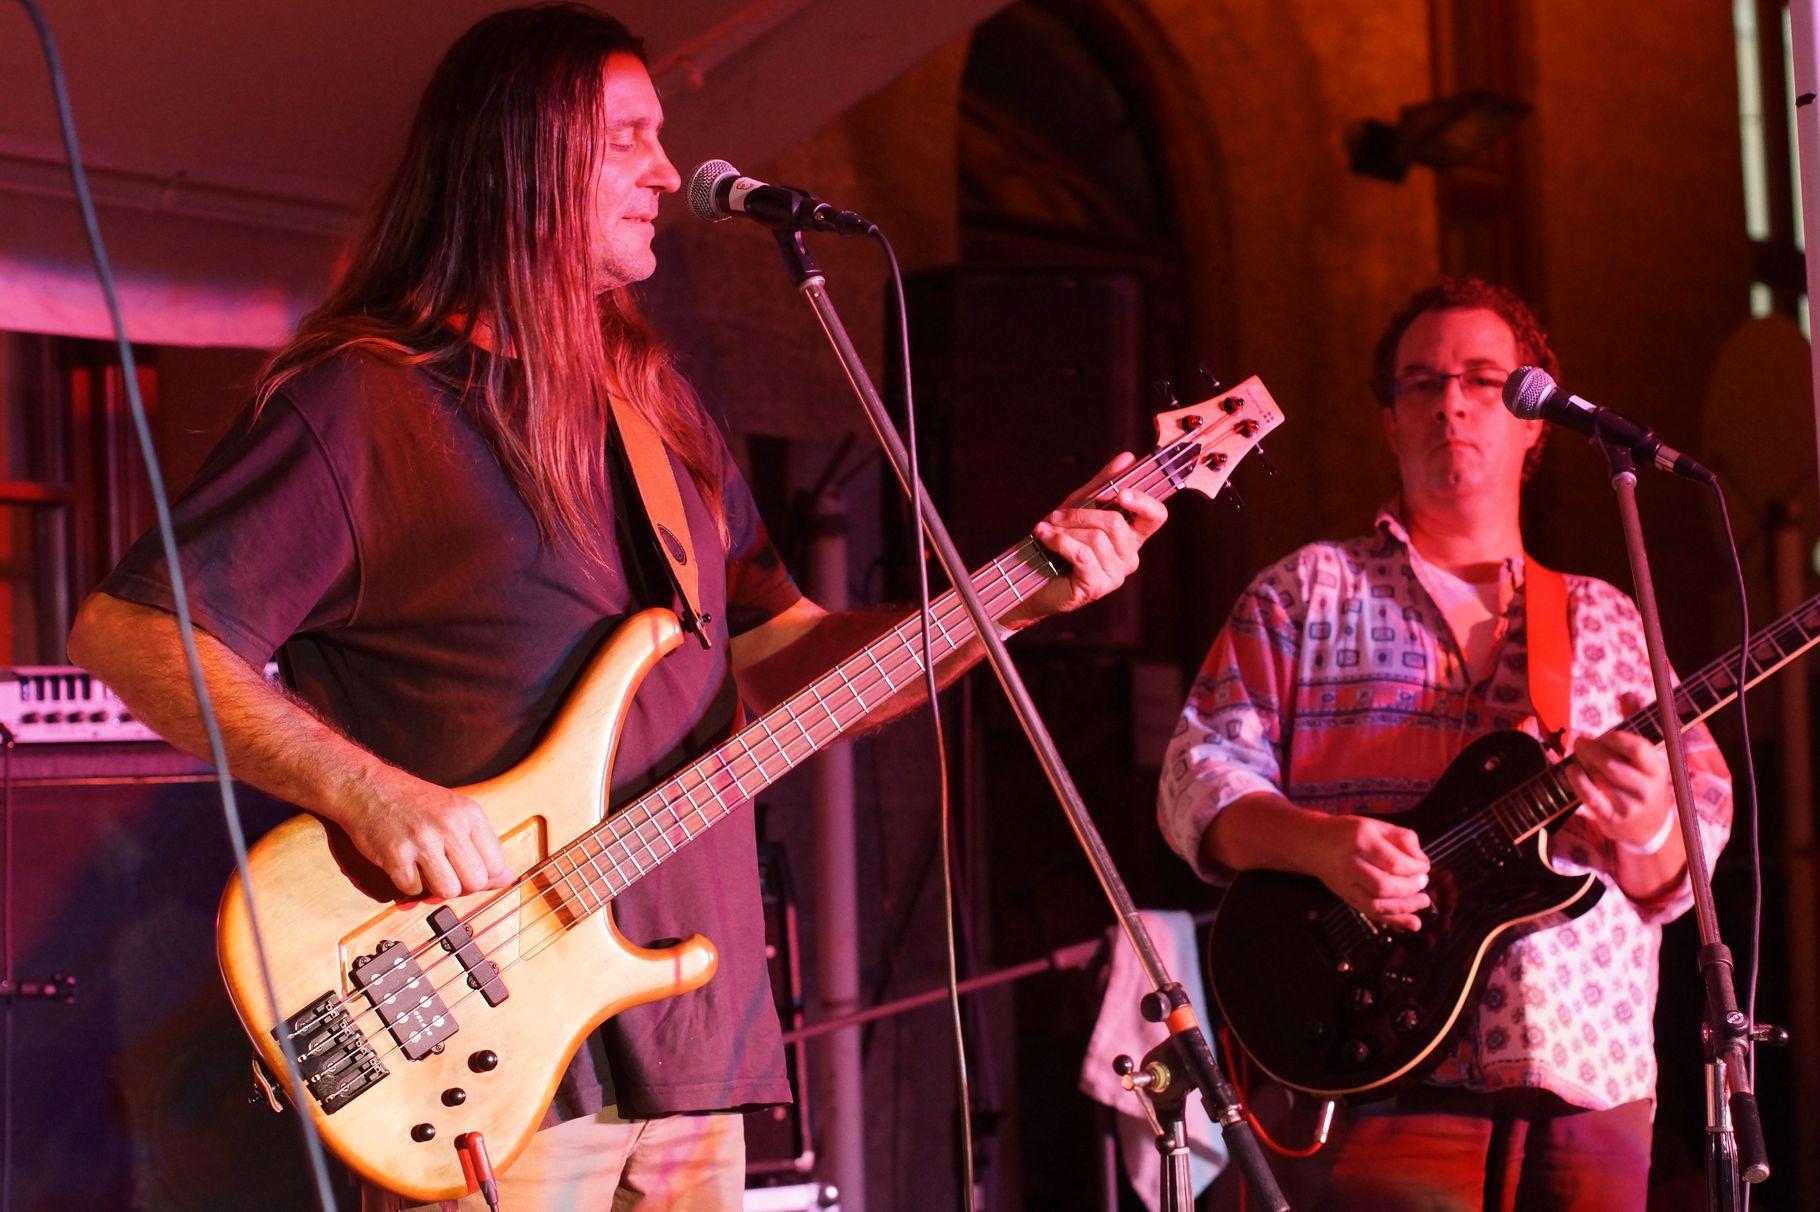 Konzerte im Bürgerhof 27.06.14 Sunday in Jail - Freiwilligen-Zentrum Augsburg - Foto: Crayfish